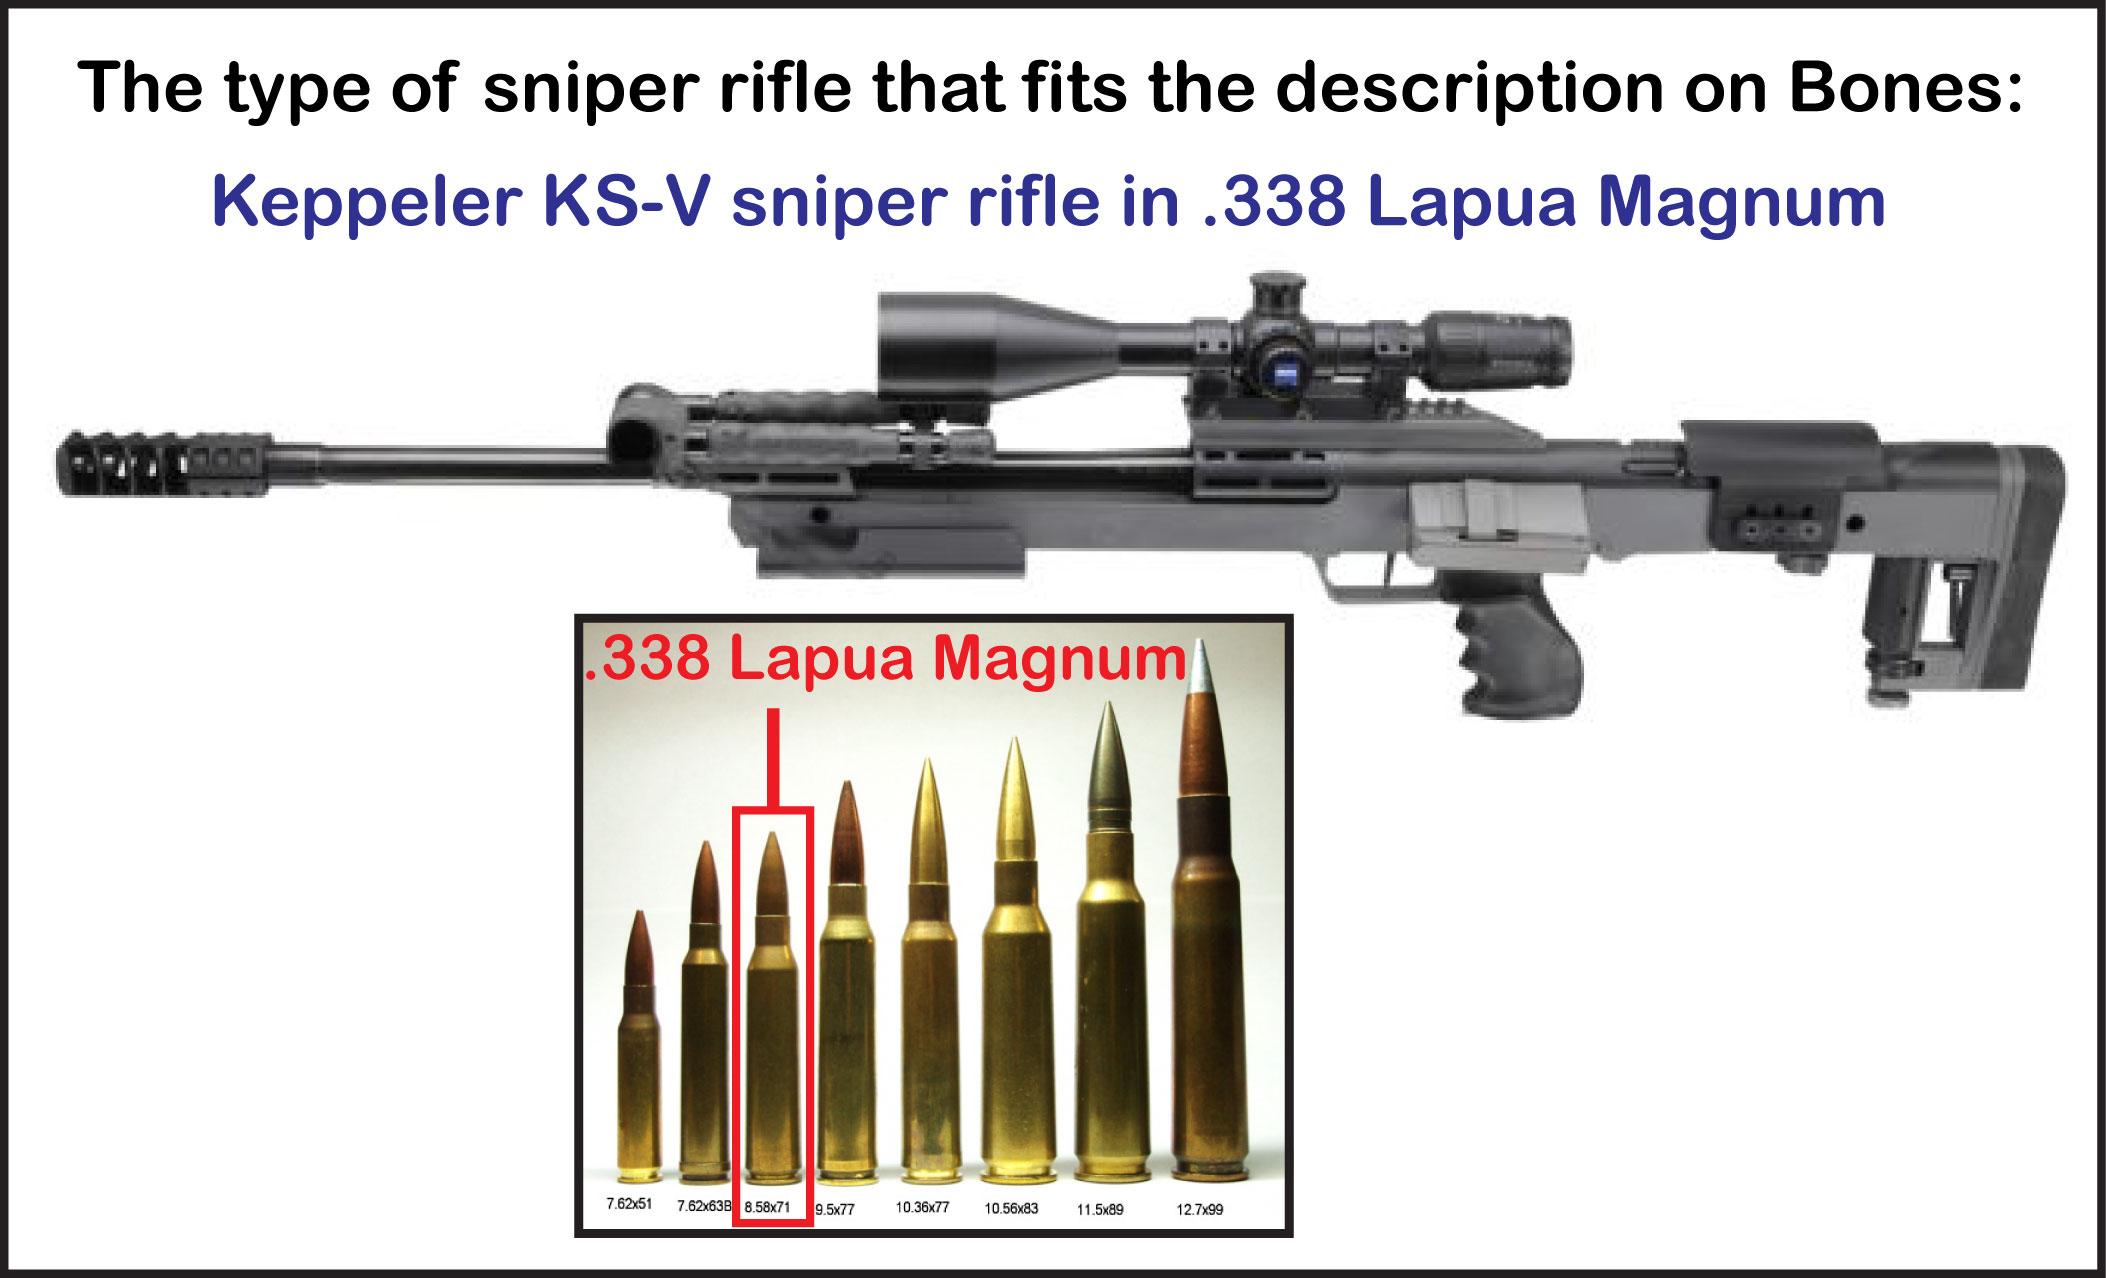 Lapua .338 Sniper Rifle Backgrounds, Compatible - PC, Mobile, Gadgets  2106x1278 px